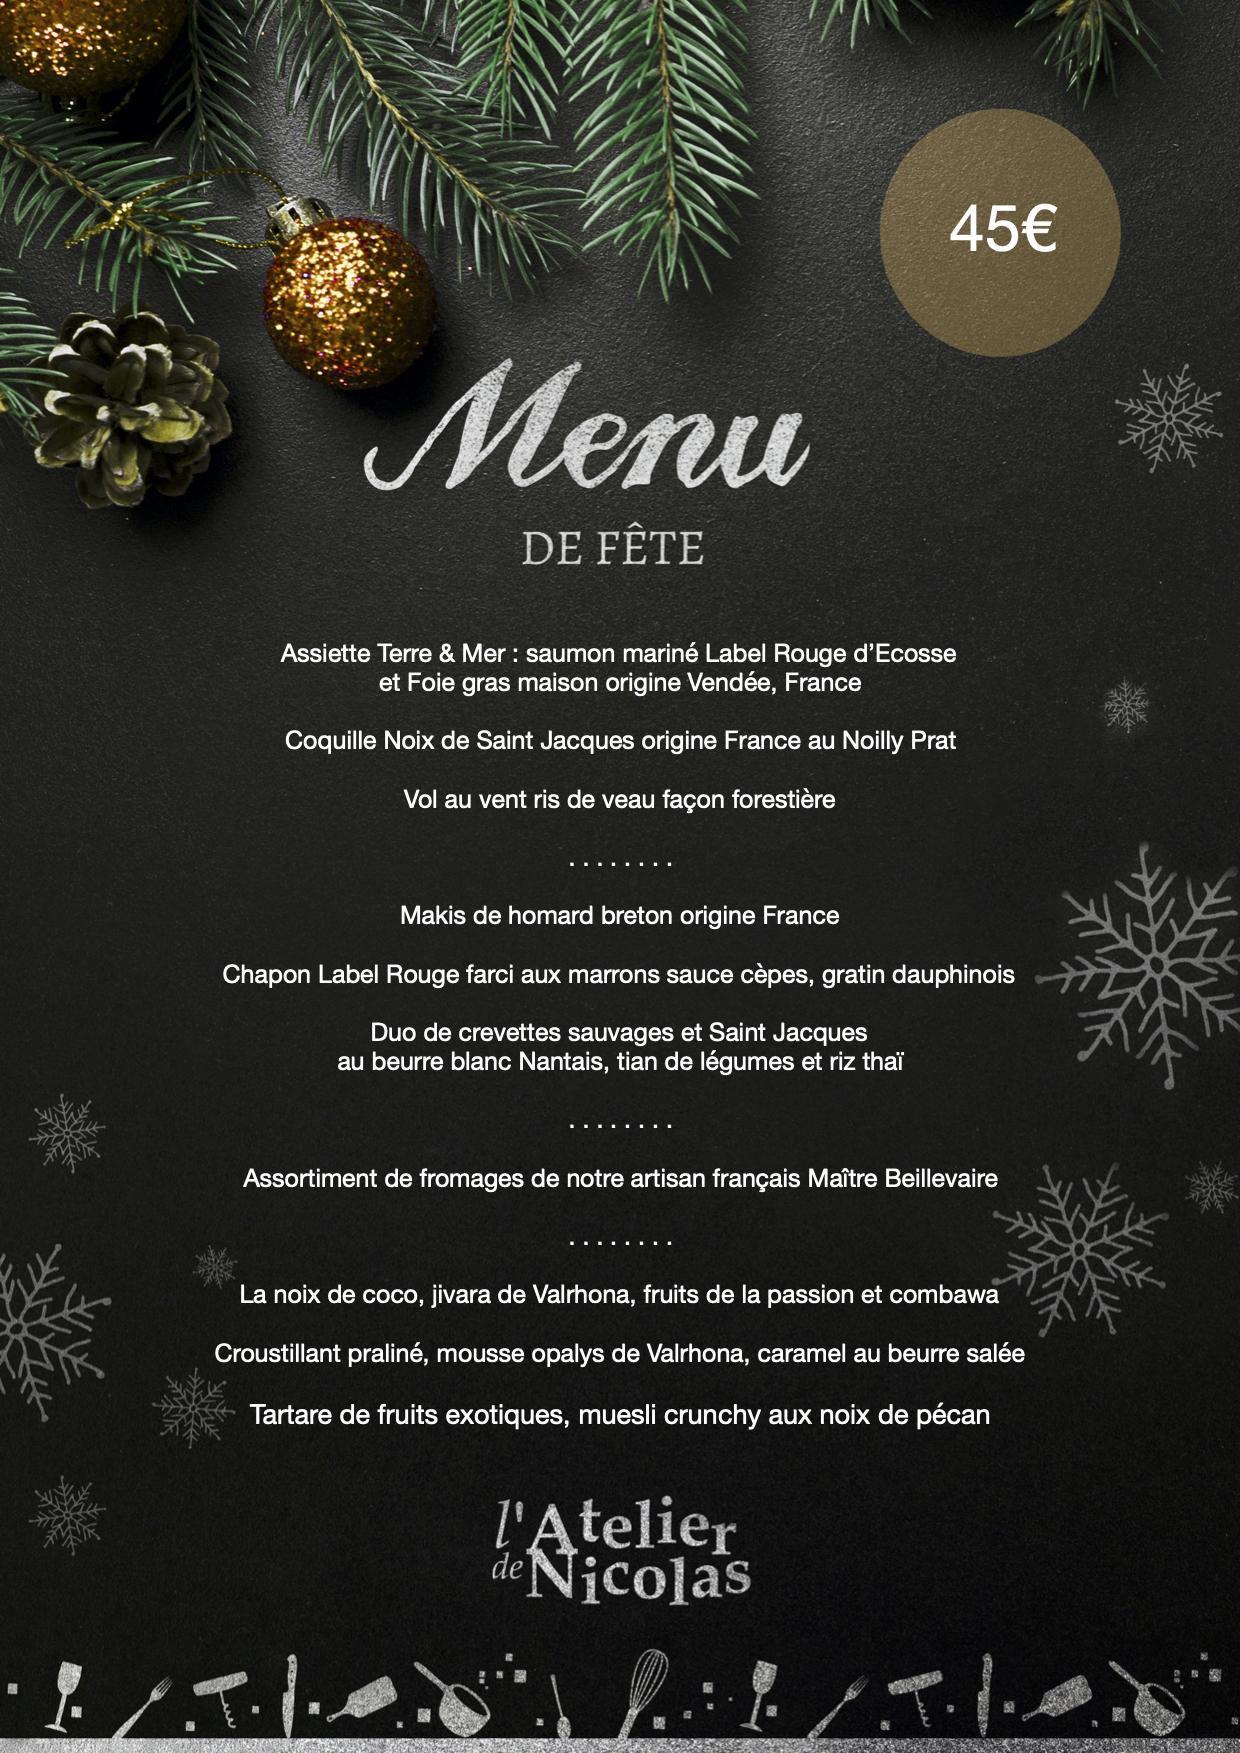 Menu de fête de l'Atelier de Nicolas à Aigues-Mortes - Vente à emporter pour le 24 décembre et le 31 décembre 2020